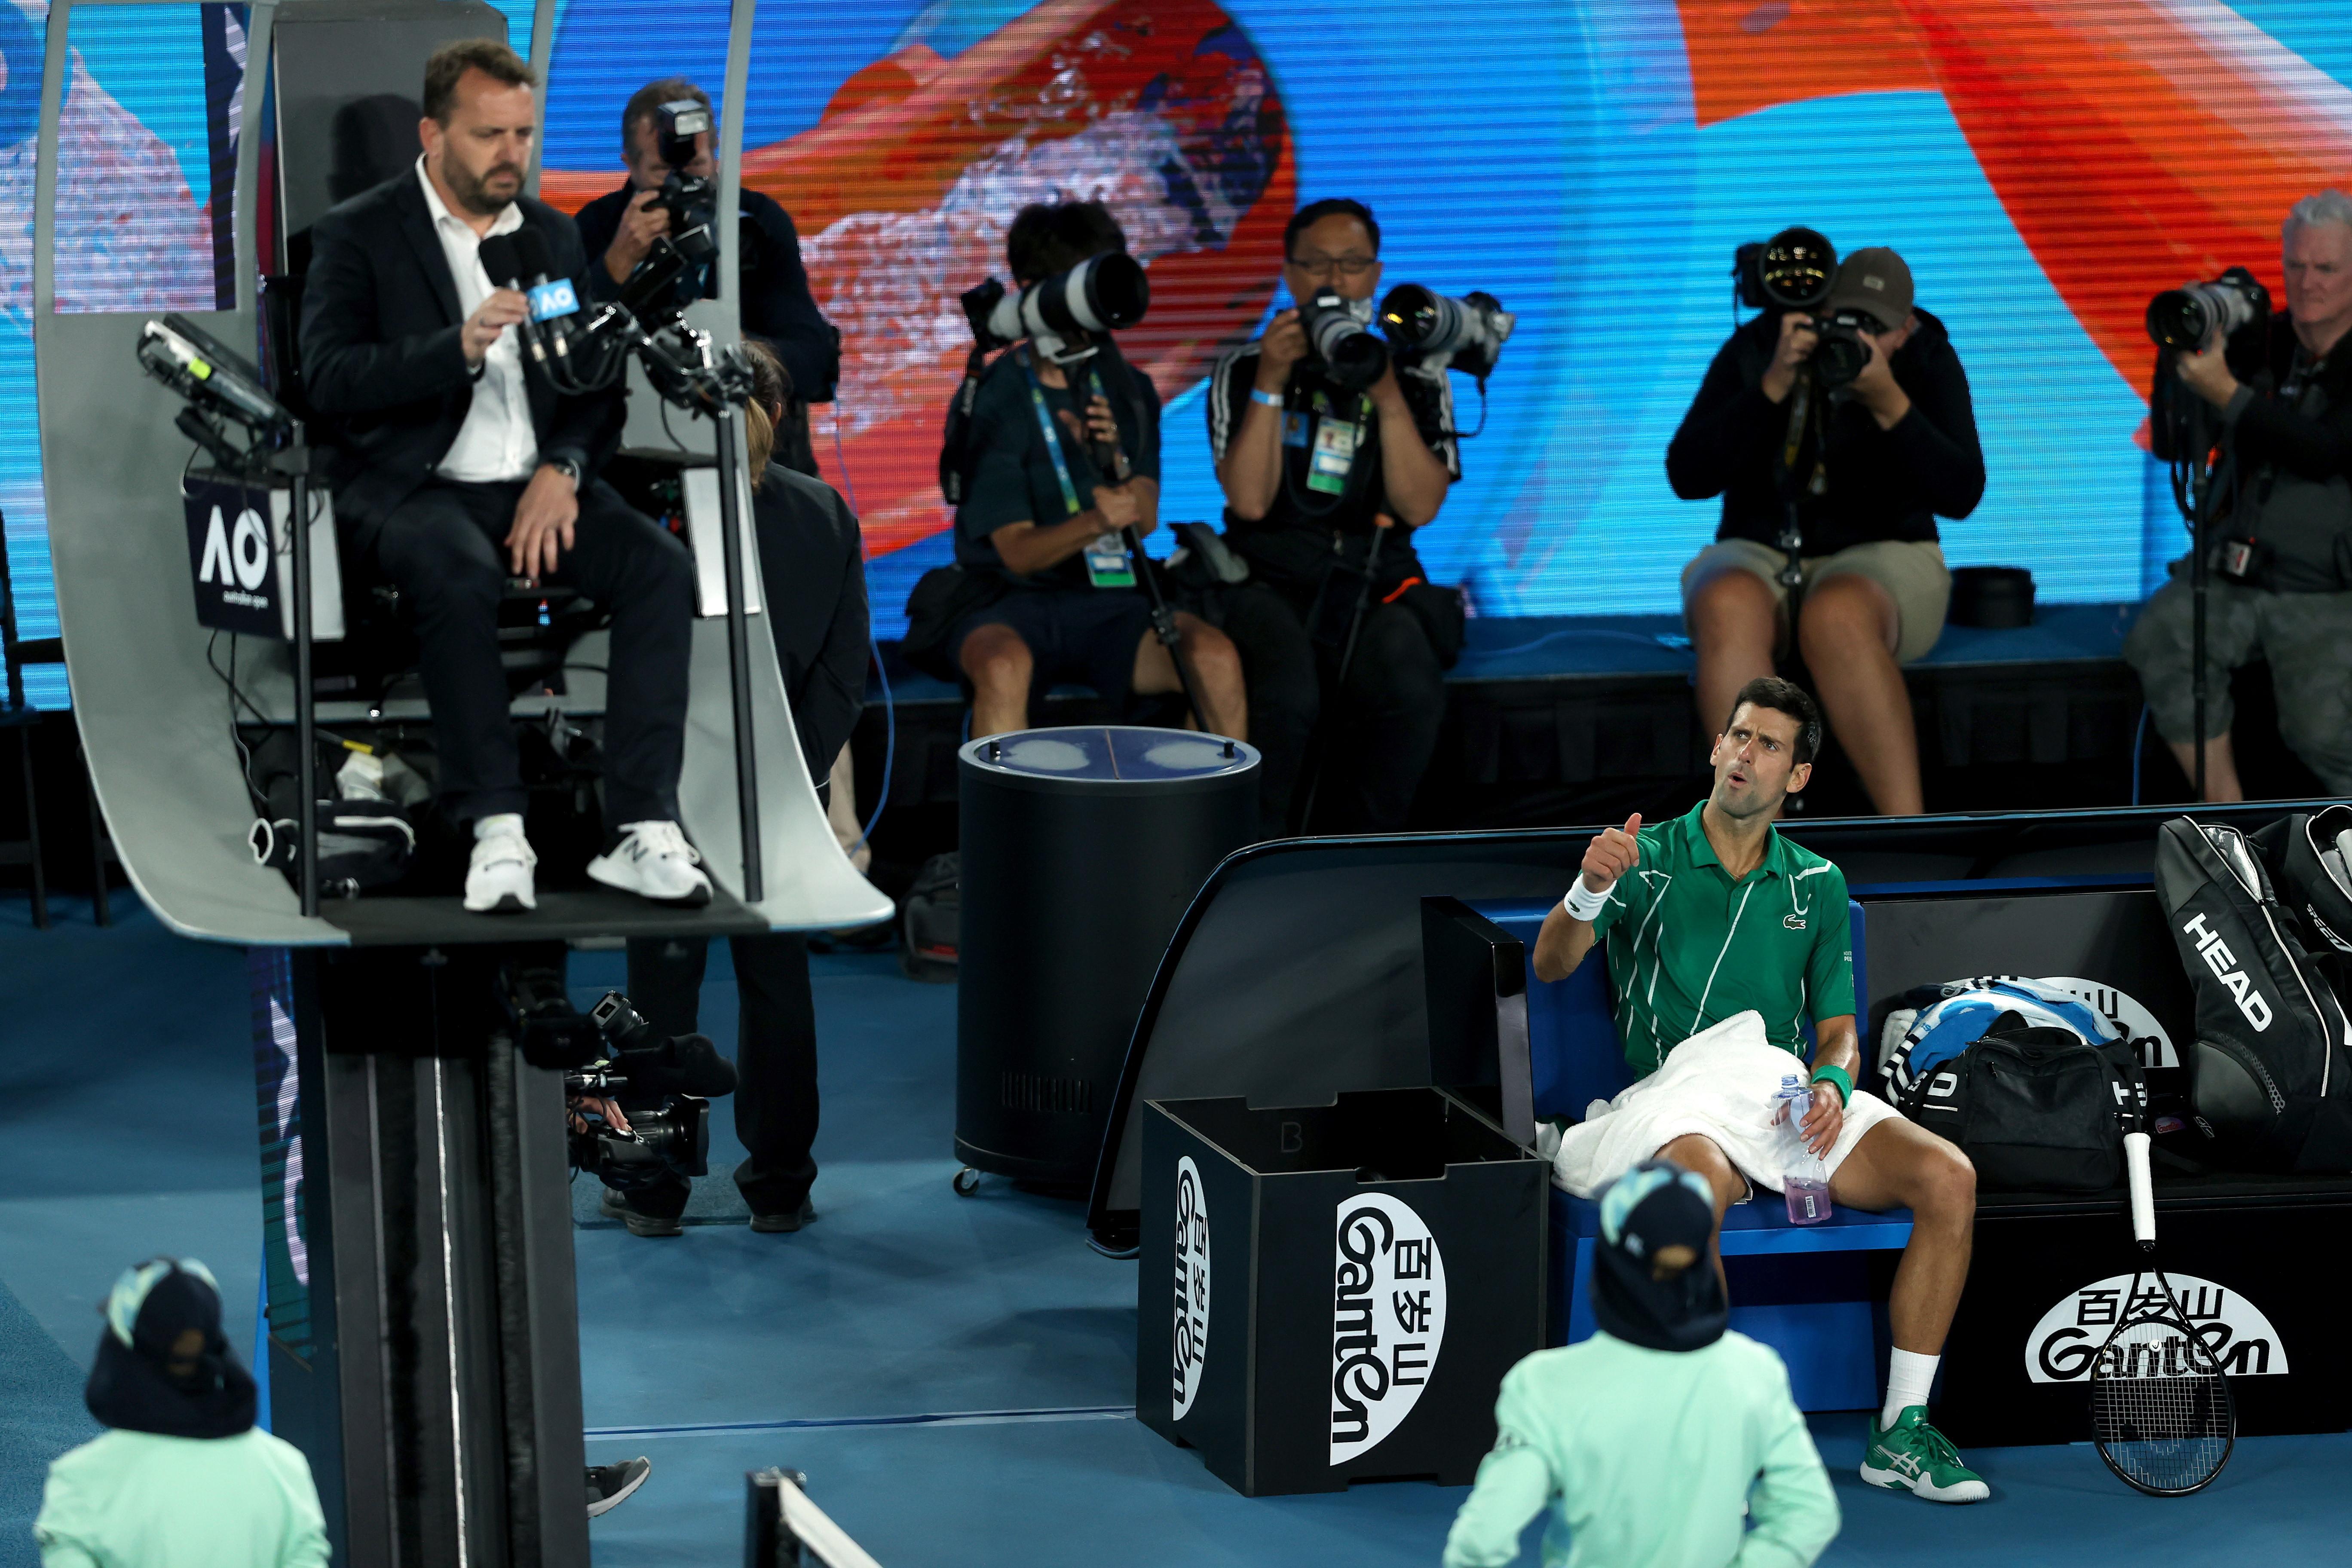 """Furia Djokovic contro il giudice di sedia durante la finale degli Australian Open. Nella sfida con l'austriaco Dominic Thiem, dopo un doppio warning, il serbo numero 2 del ranking mondiale è sbottato: """"Ti sei fatto notare in questa partita, ottimo lavoro. Specialmente sul secondo- ha detto Nole avvicinandosi all'arbitro - Sei diventato famoso, ben fatto""""."""